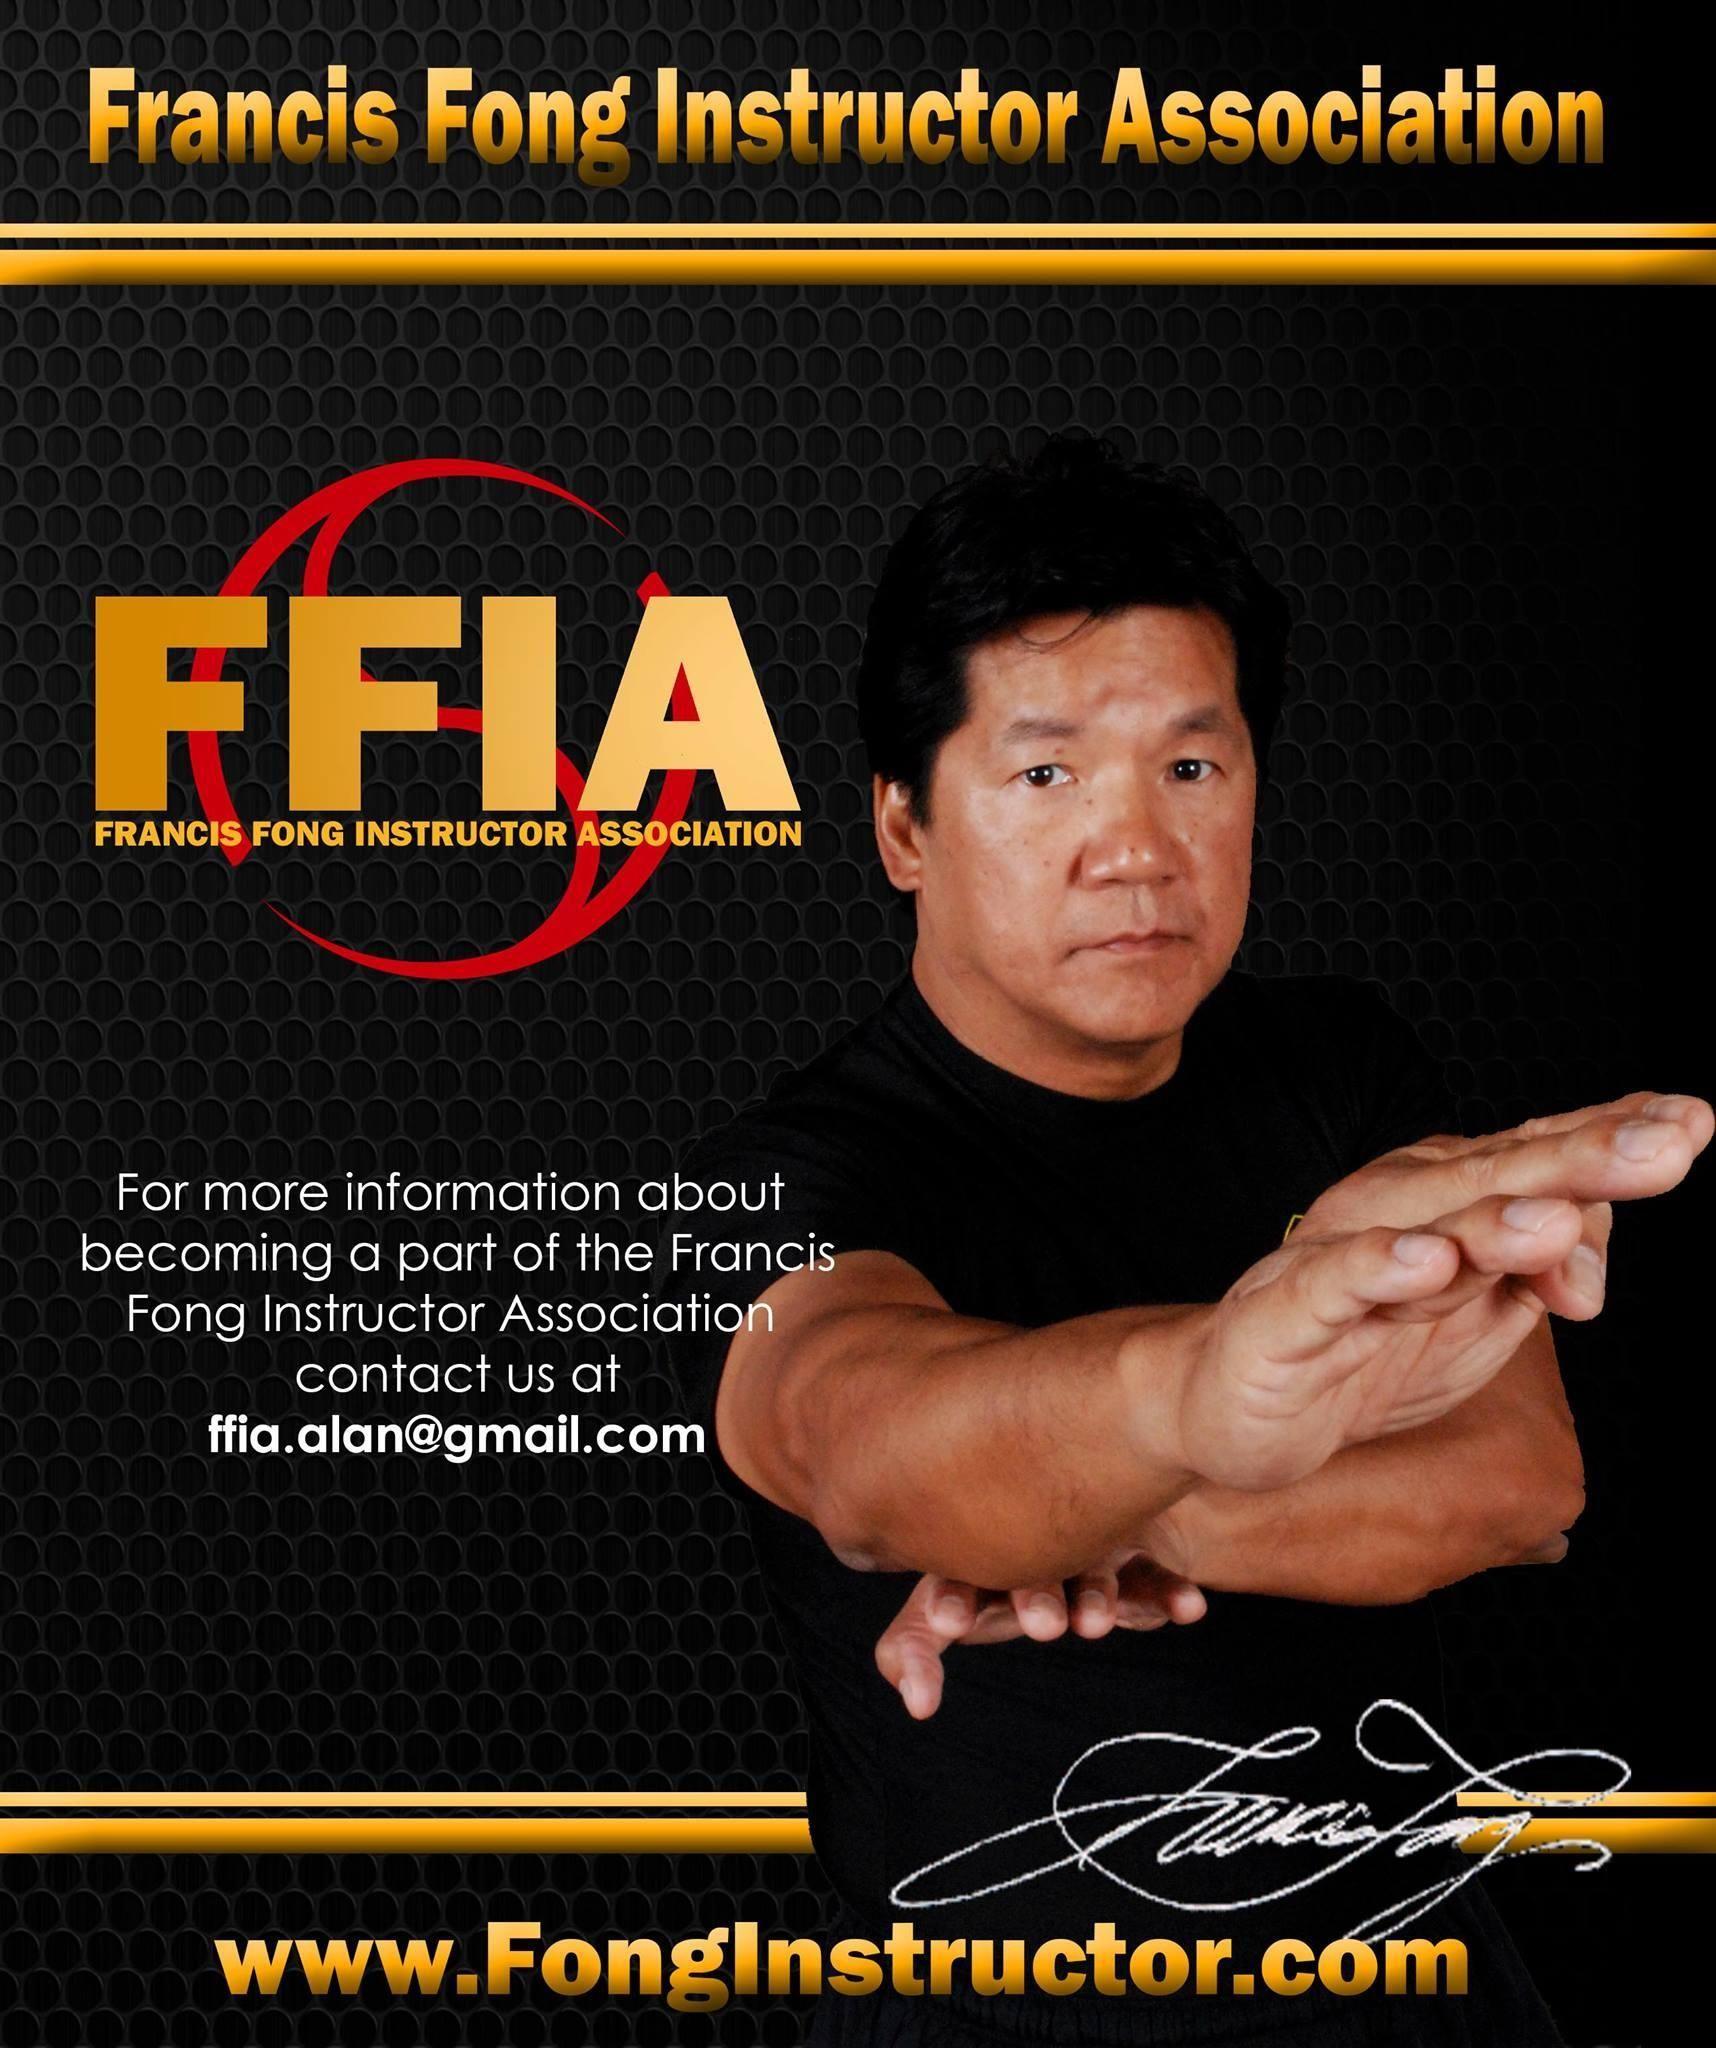 Self Defense, Martial Arts in Woodstock & Towne Lake GA. Gracie Jiu-Jitsu - Defense Lab - Thai Boxing - JKD - Kali  AtlantaMartialArtsCenter.com